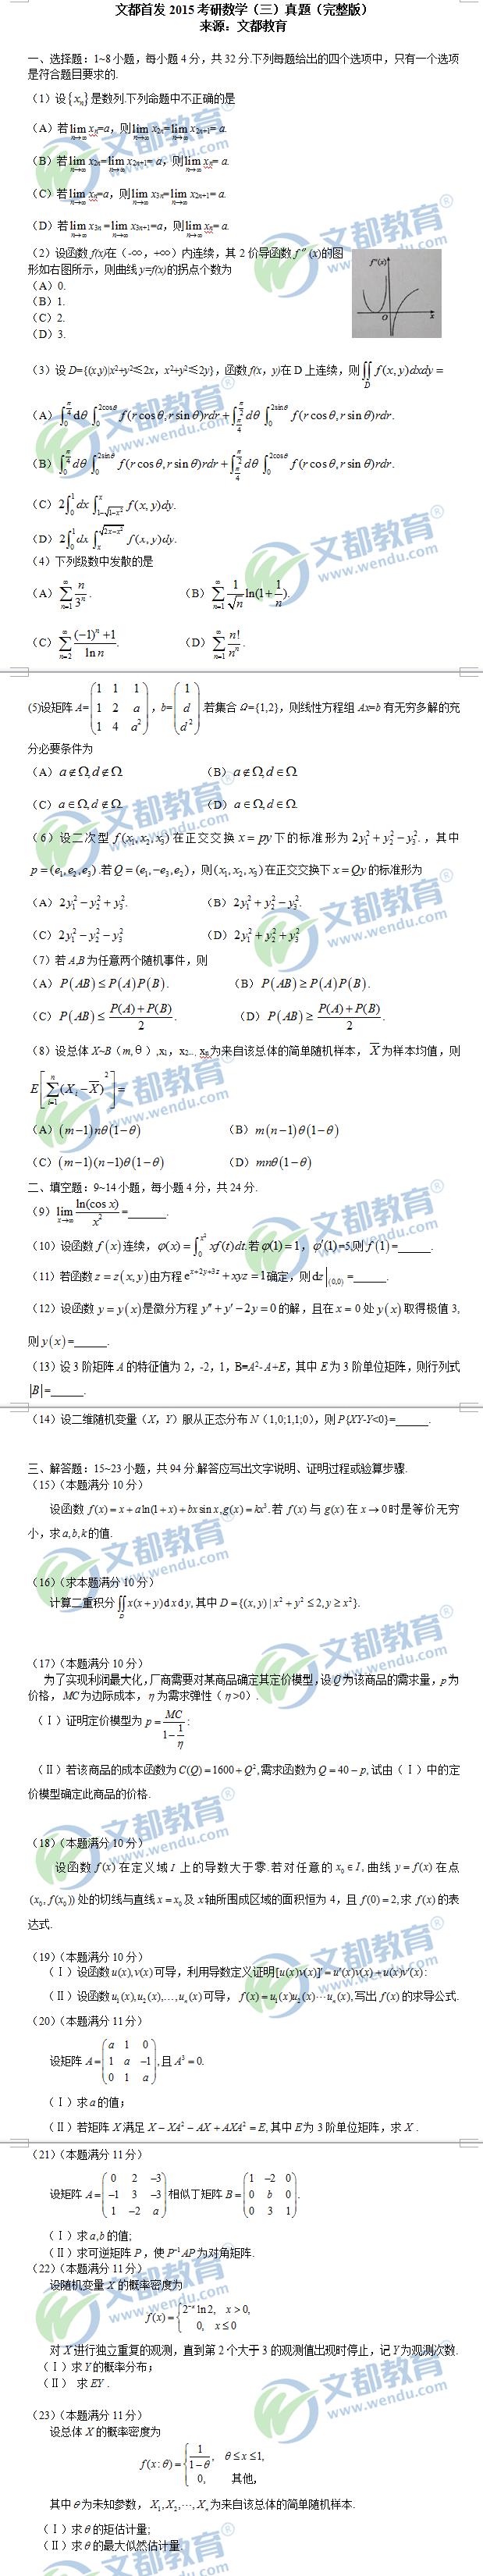 历年考研数学真题下载:2015年考研数学三真题